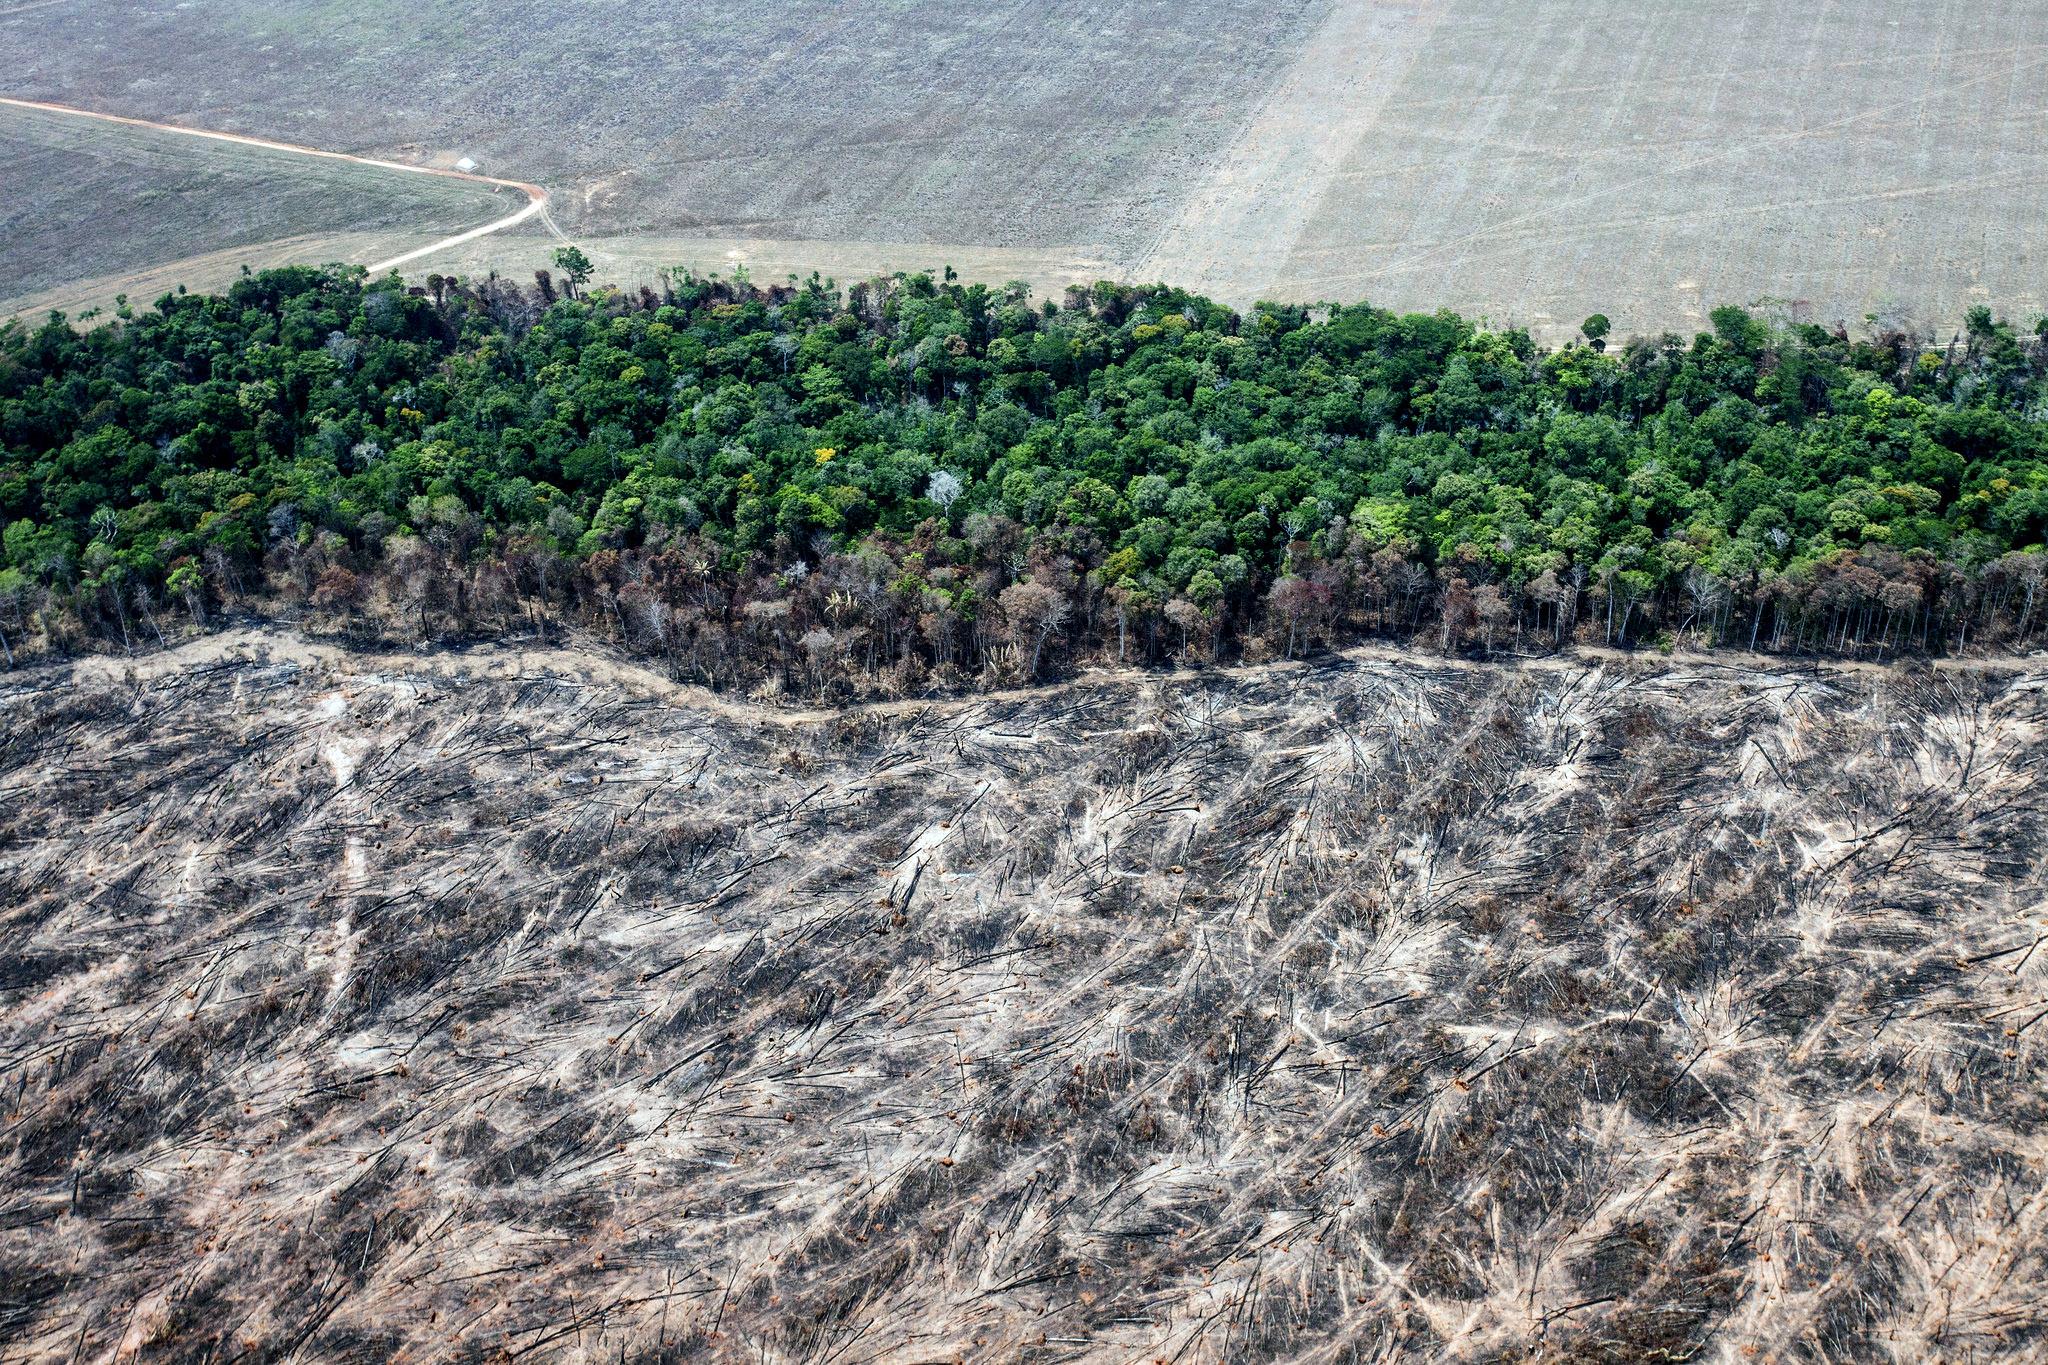 Área desmatada e queimada para a expansão agrícola, em Mato Grosso. (Foto: Paulo Pereira/Greenpeace)